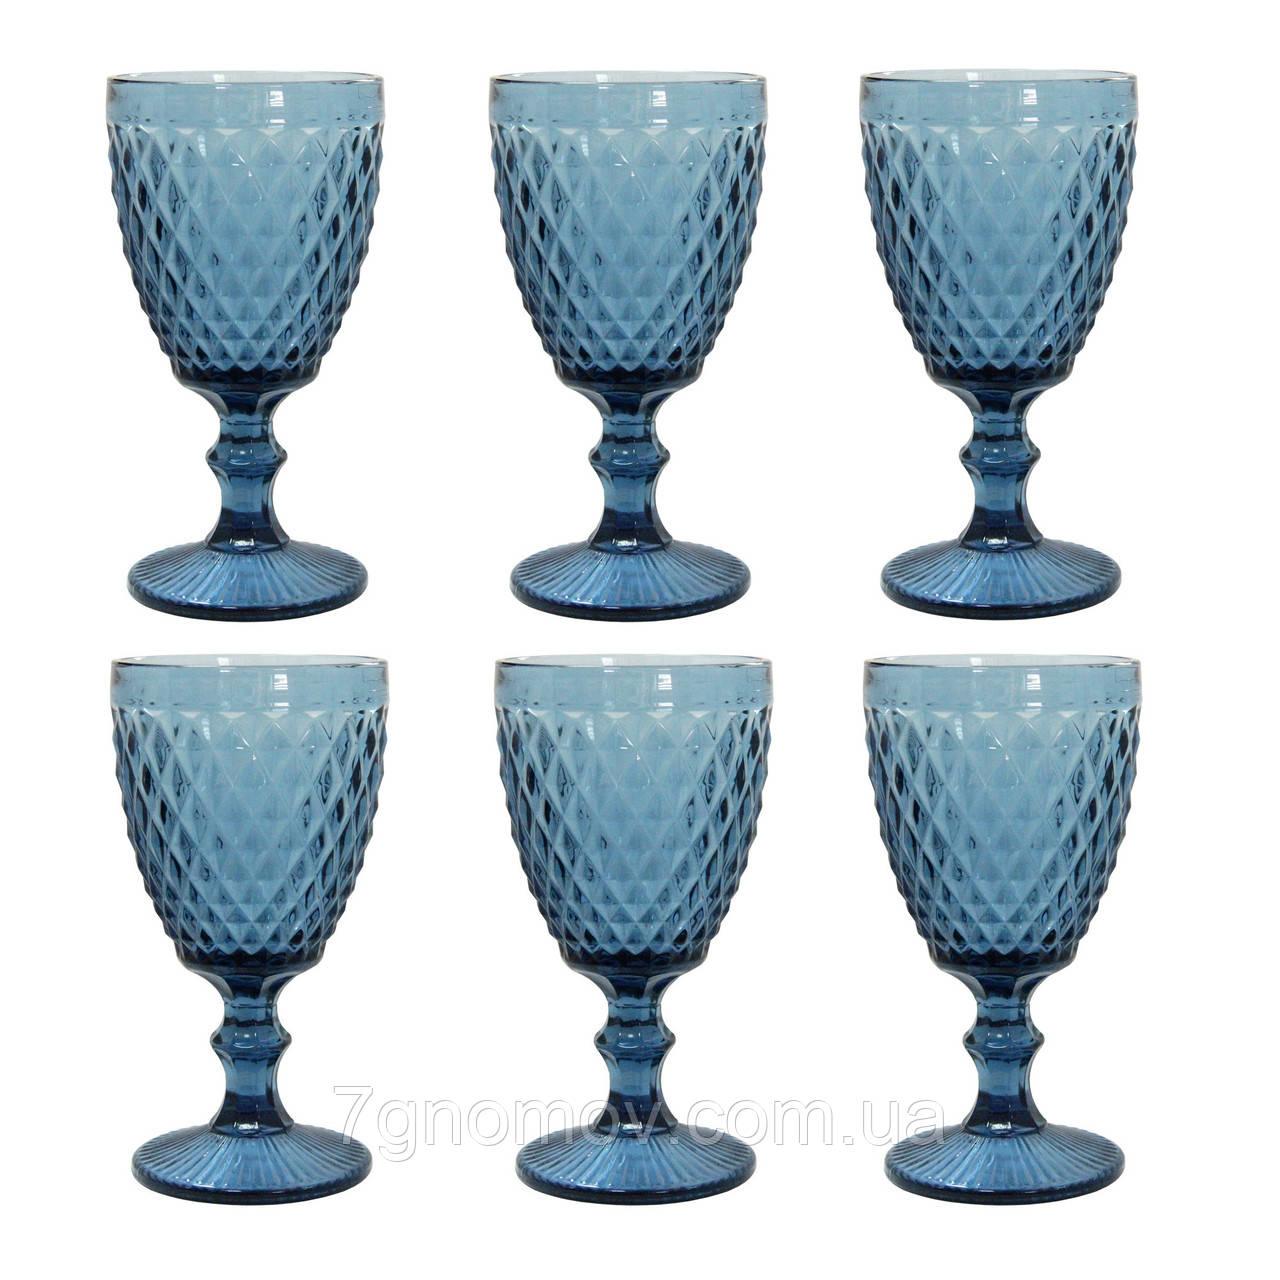 Набор 6 бокалов из синего цветного стекла Эмили 300 мл